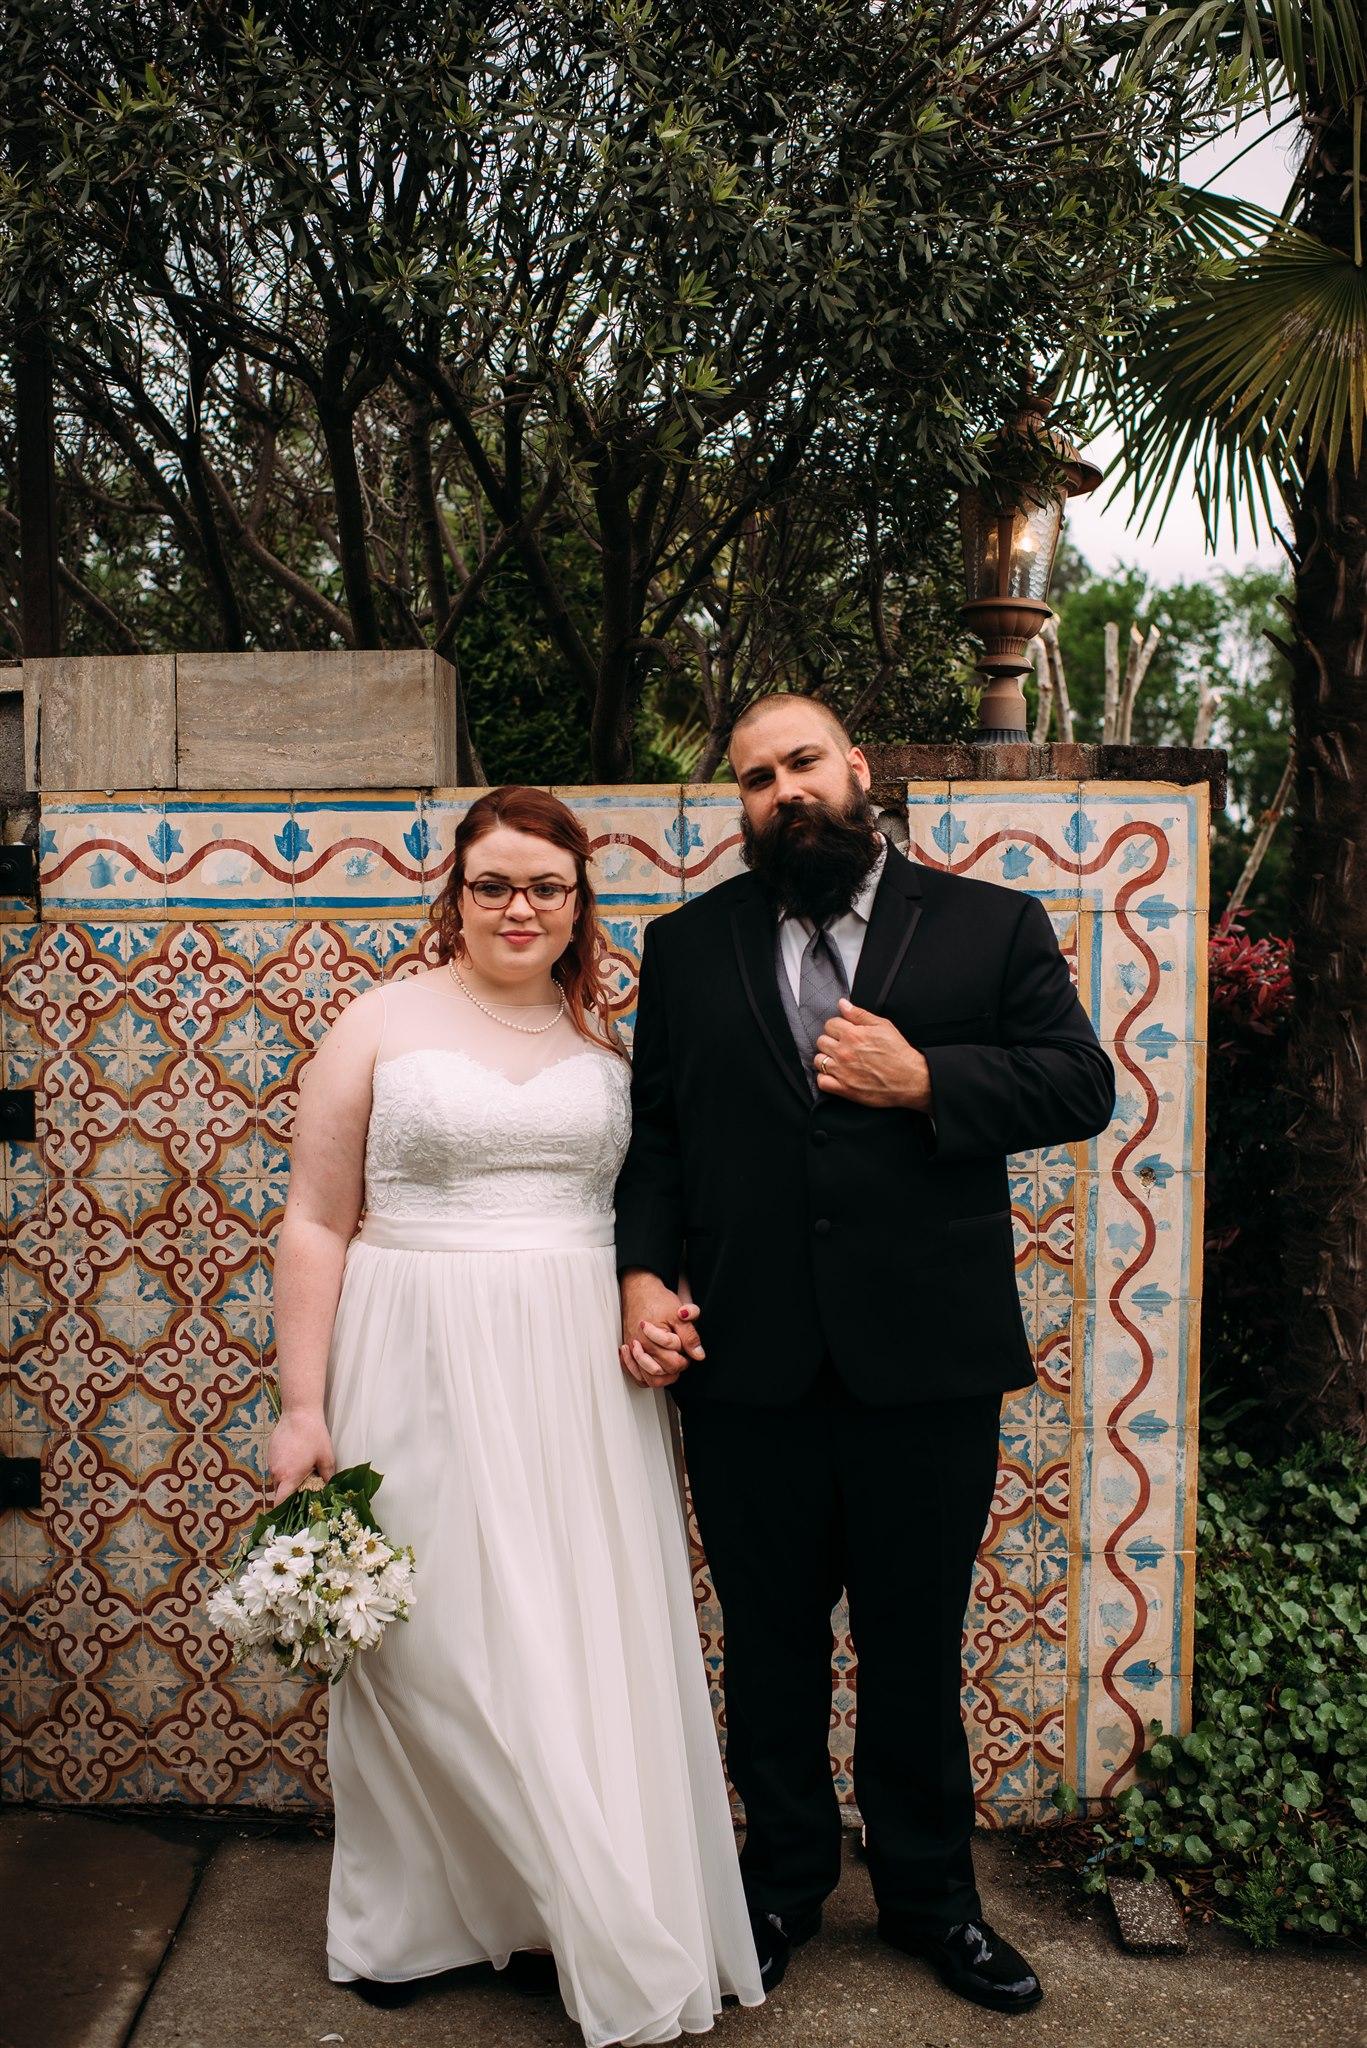 raleigh elopement photographer - downtown raleigh wedding photographer  - north carolina elopement photographer - north carolina wedding photographer